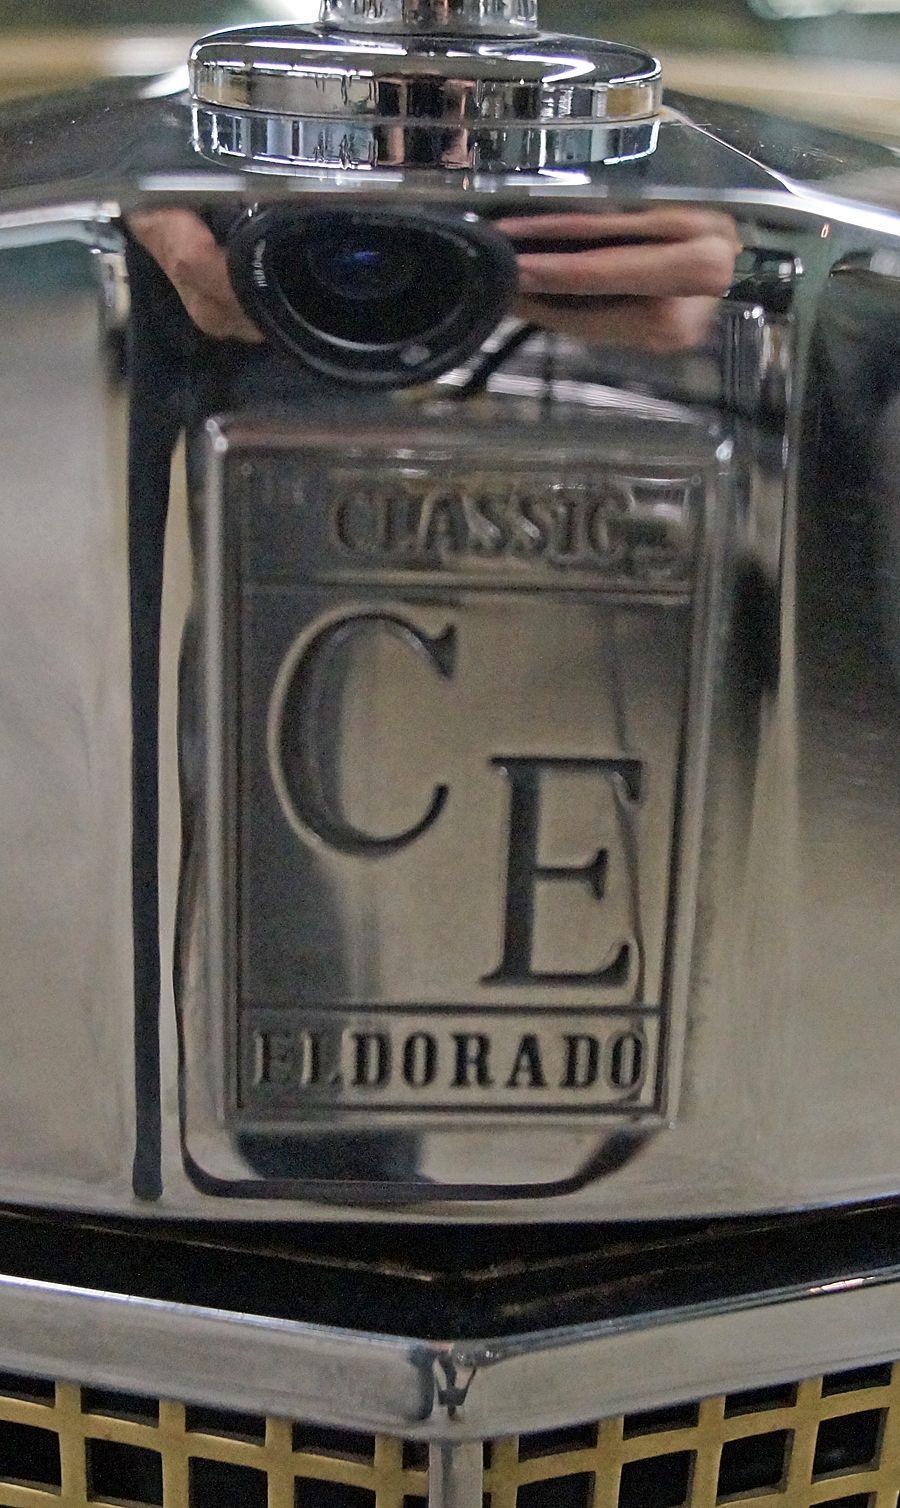 1985 Cadillac Eldorado 13